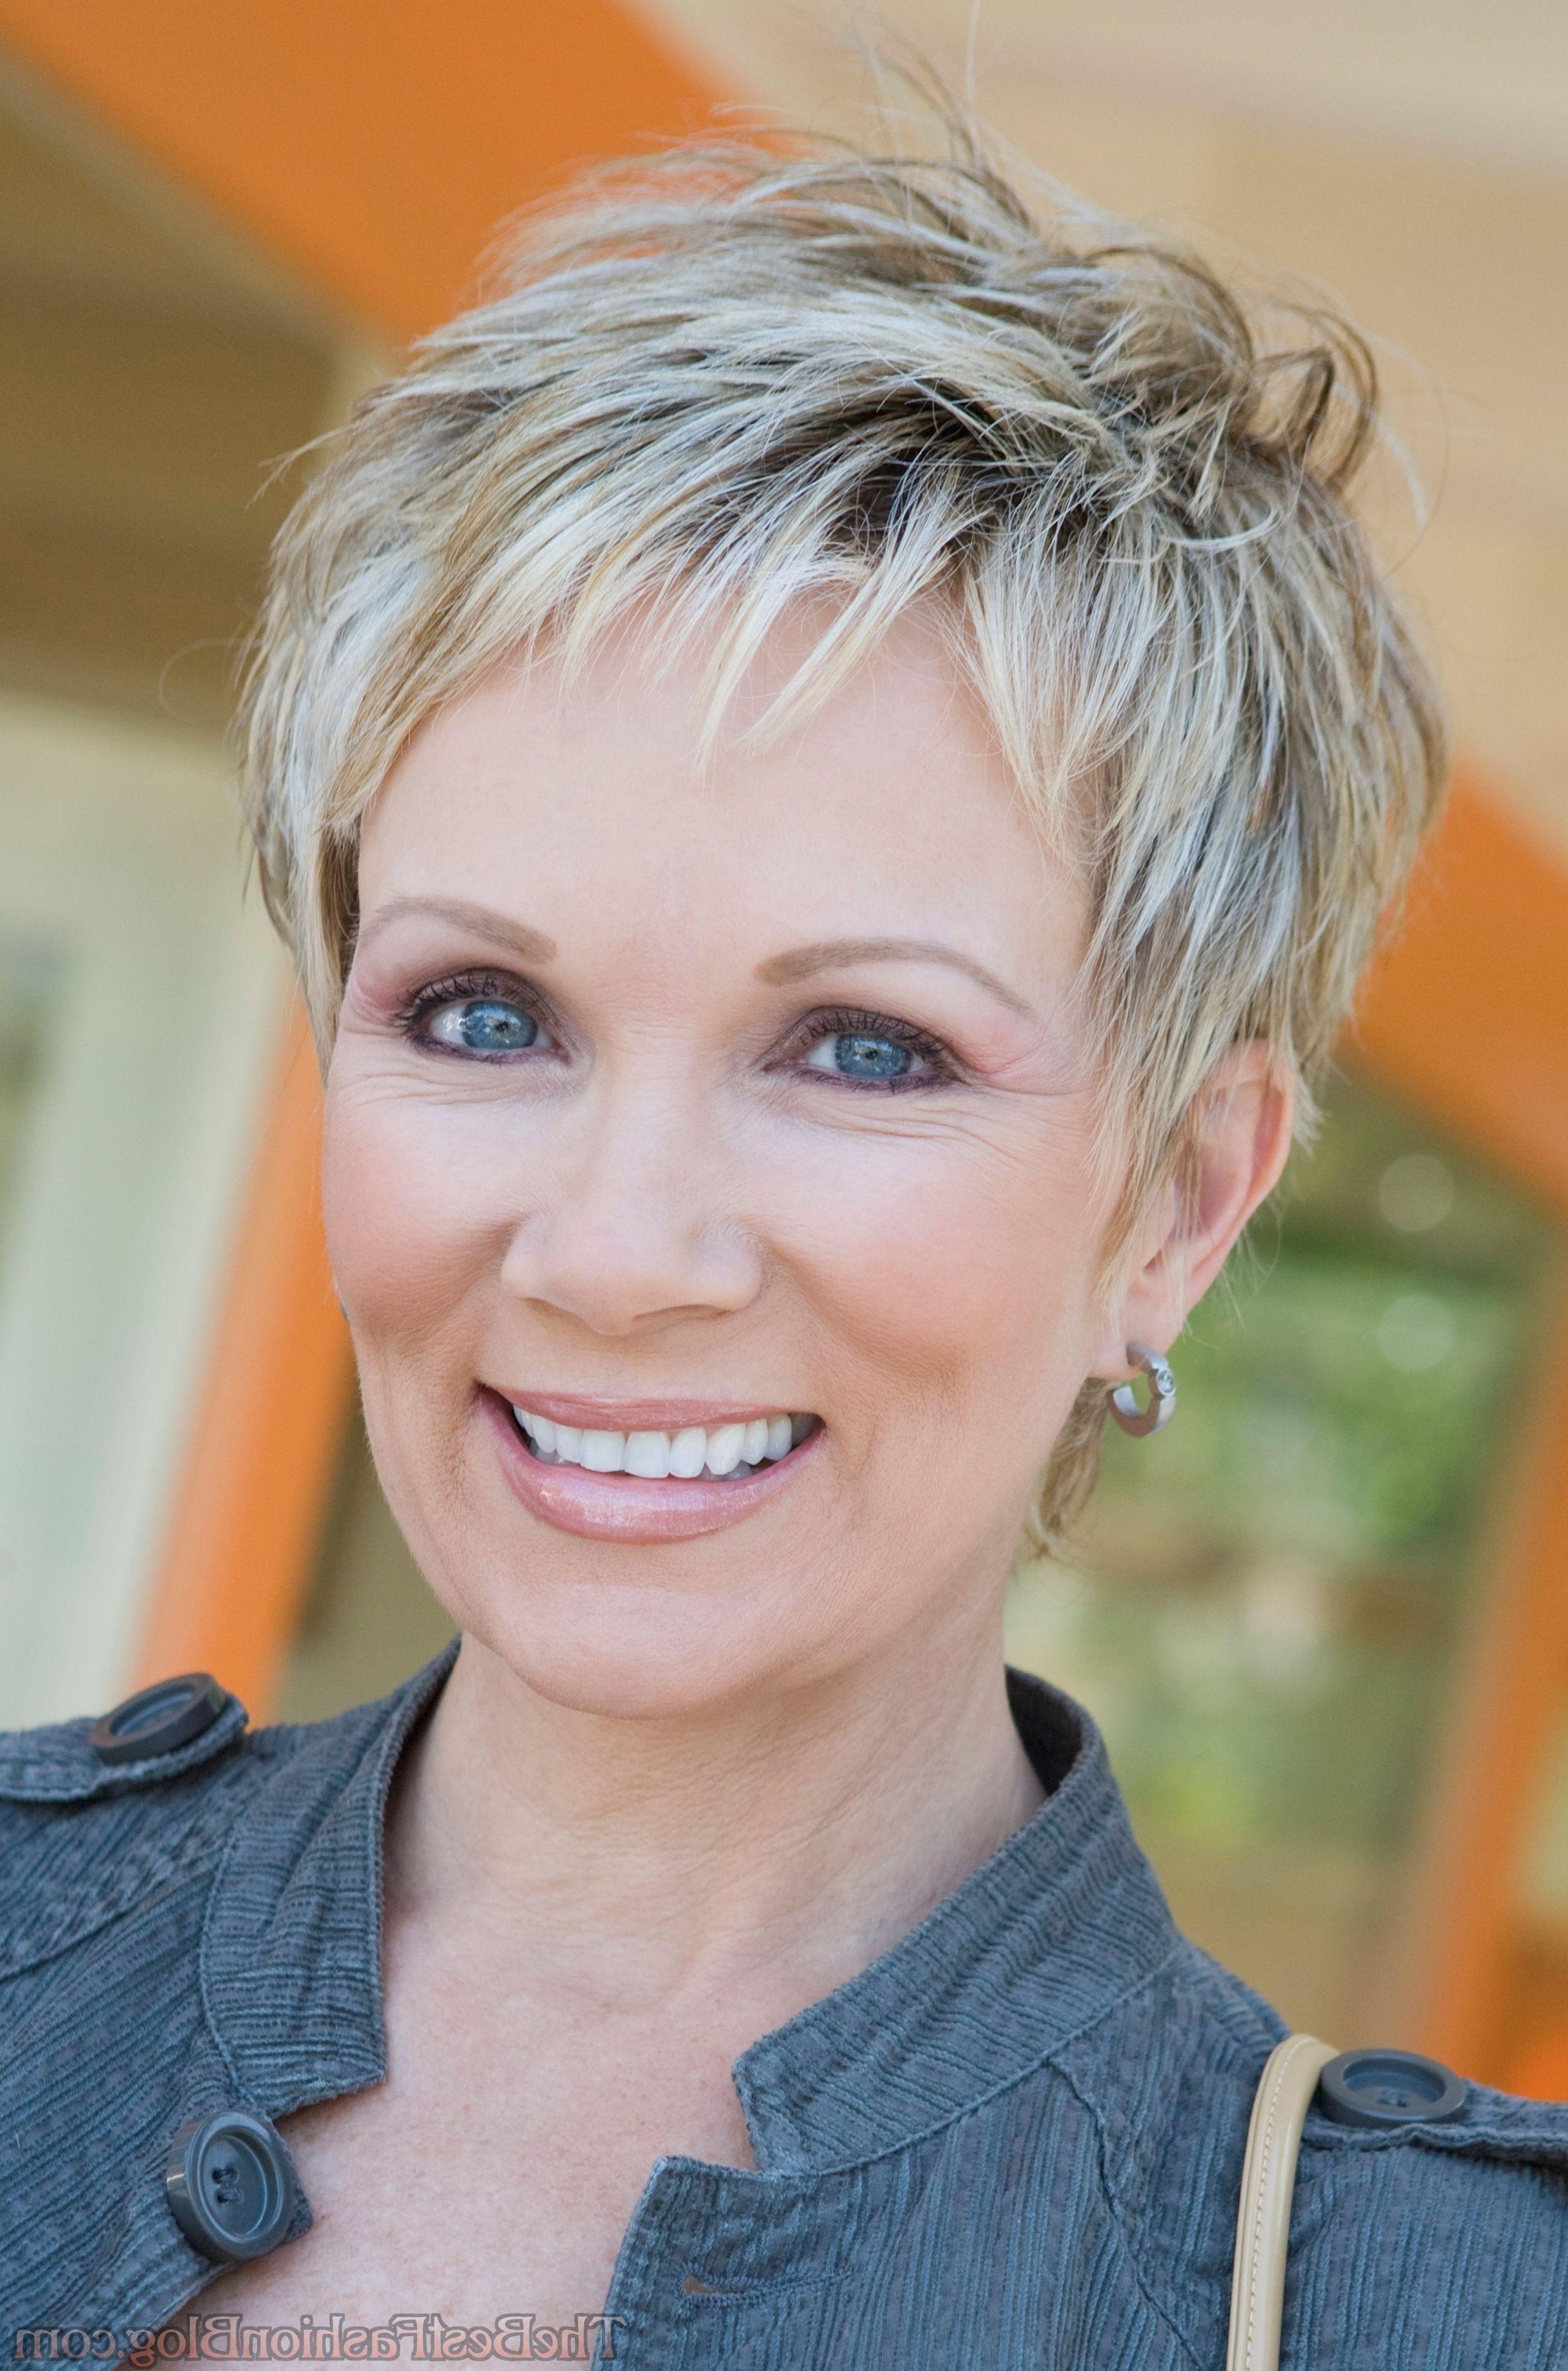 short hairstyles for older women | short hairstyles for older women